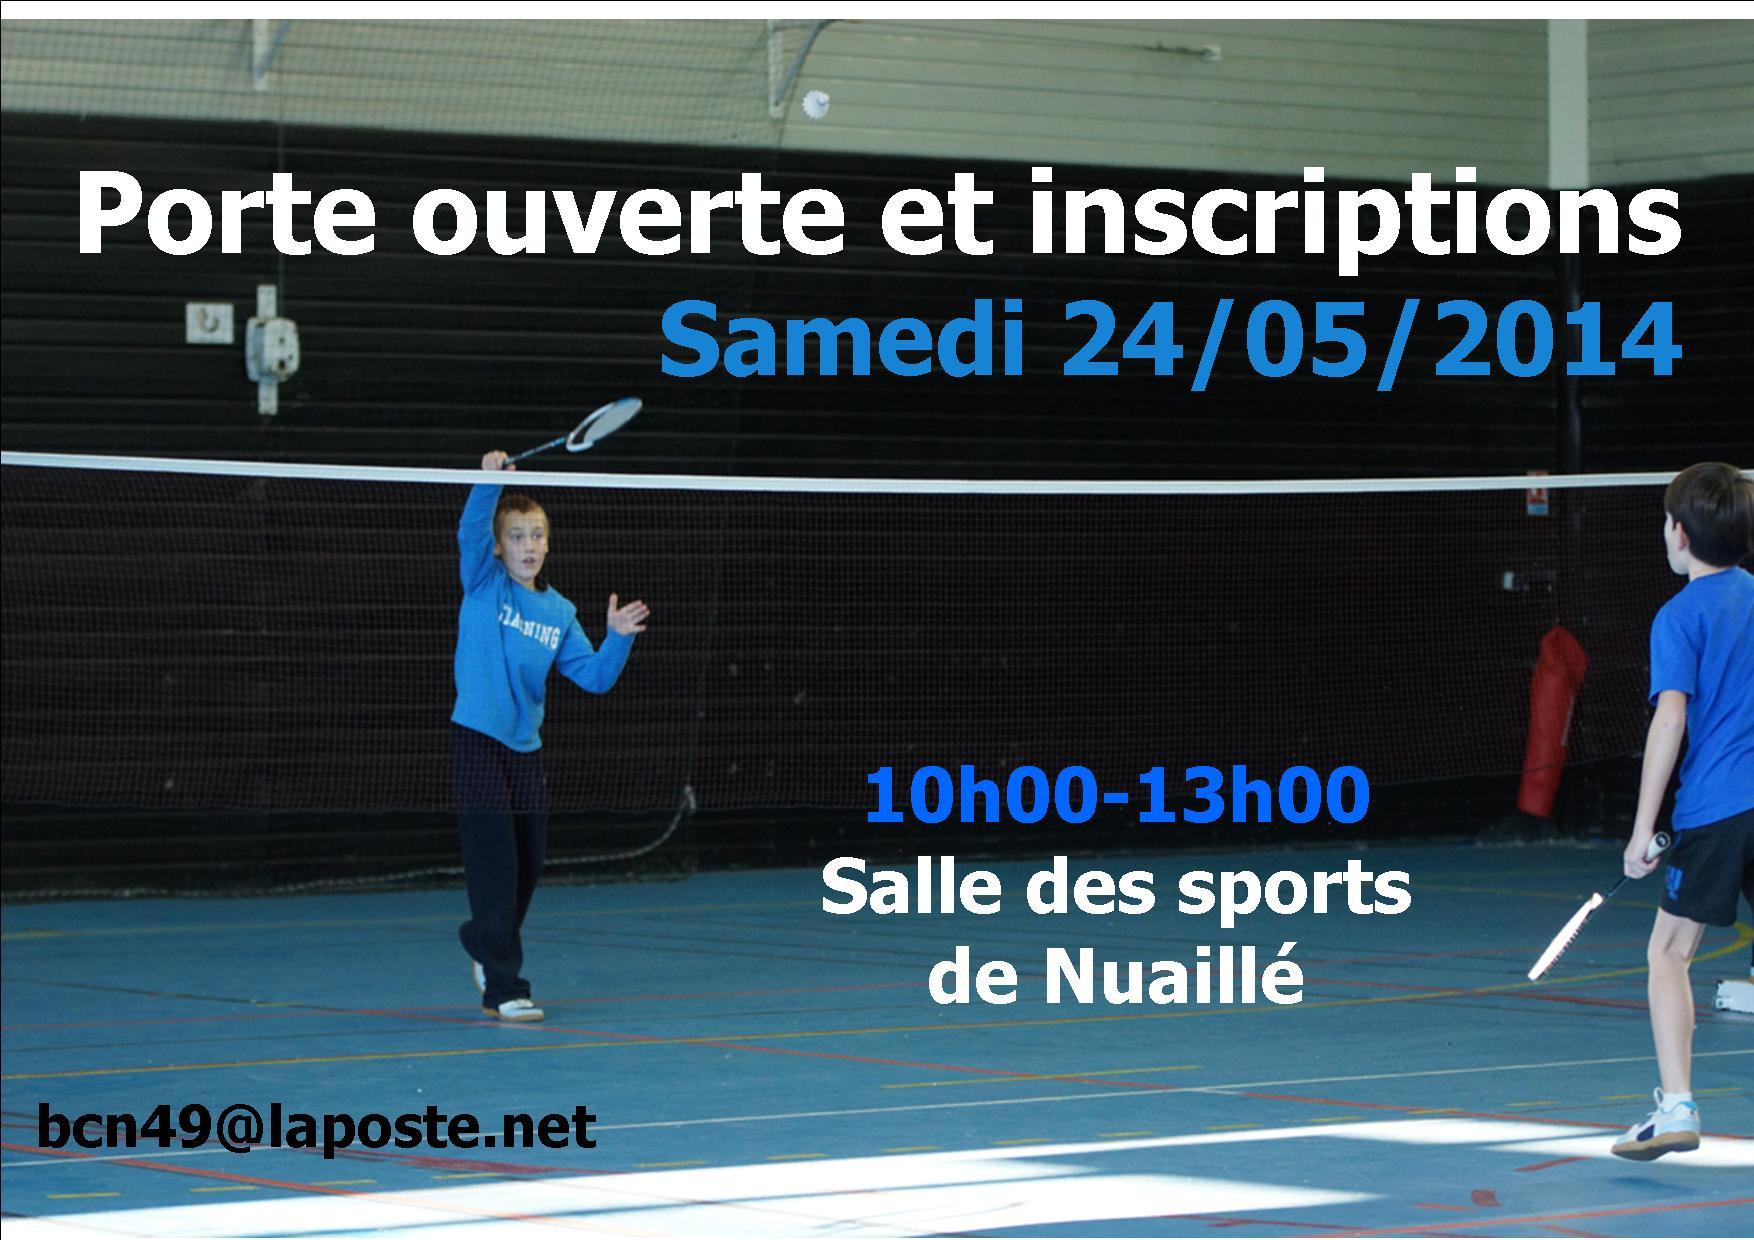 porte-ouverte Nuaillé Cholet badminton